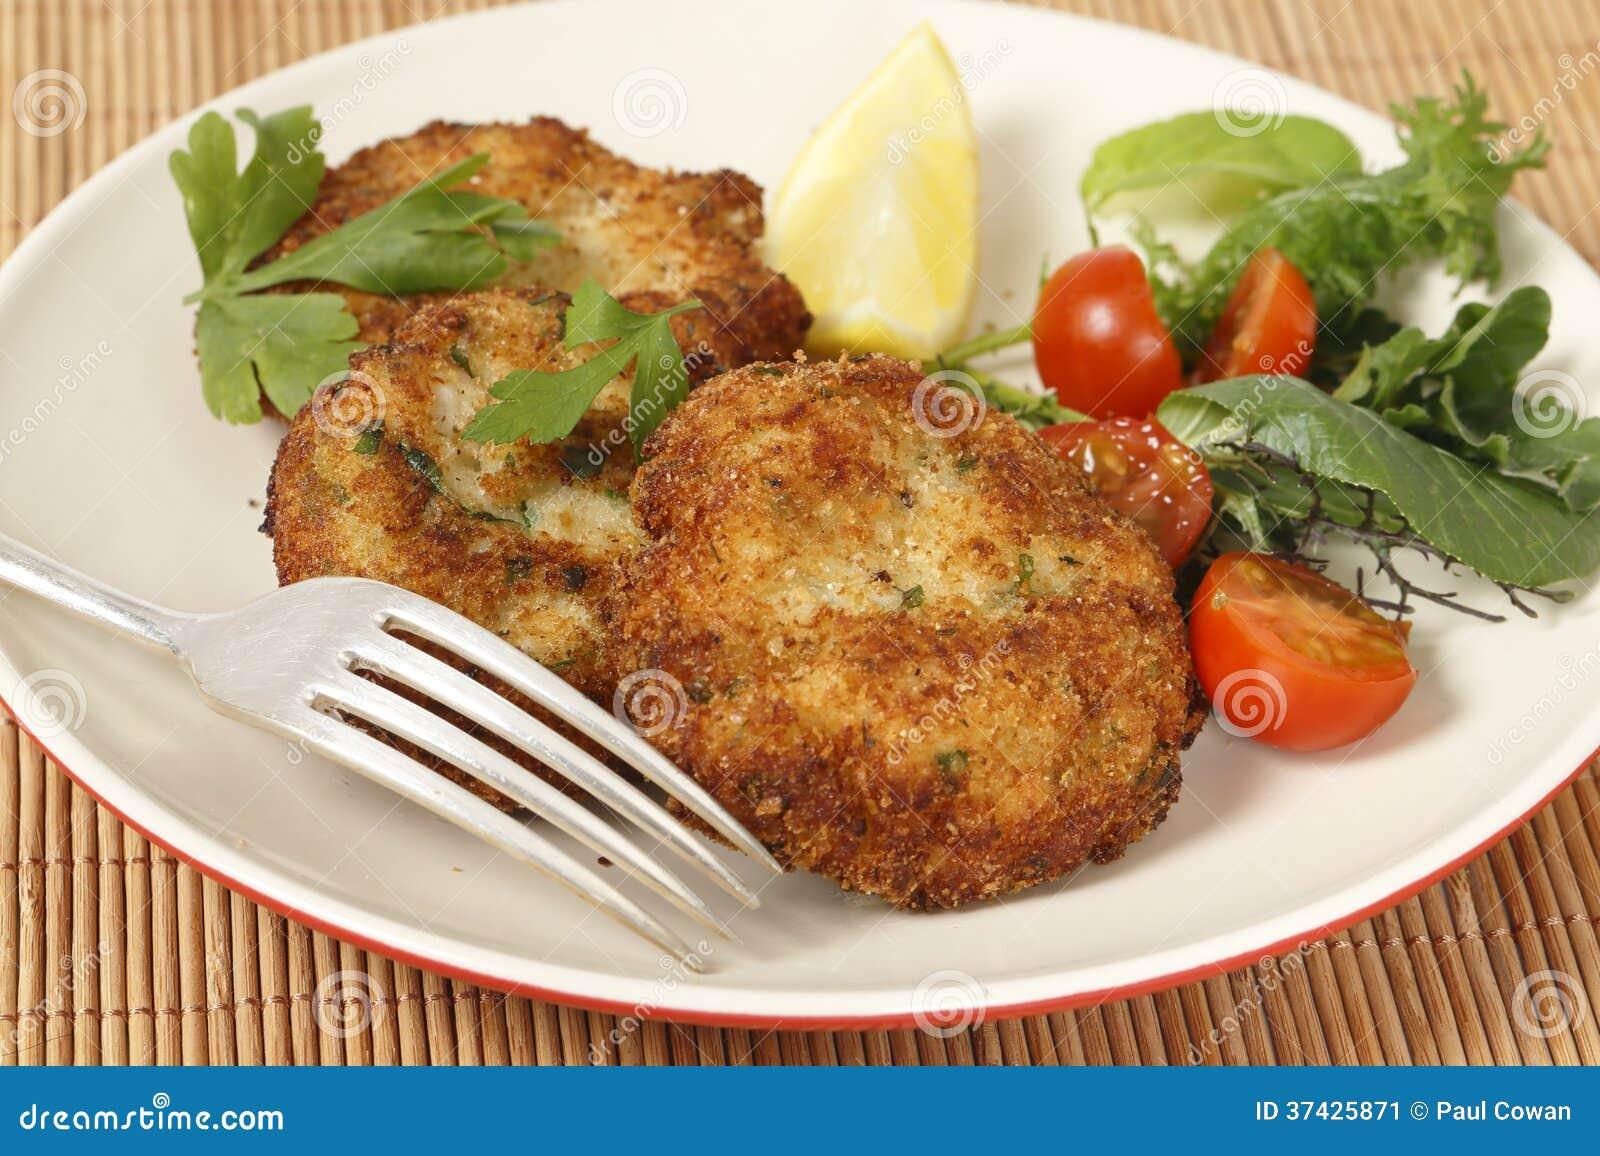 Рыбные котлеты из щуки рецепт очень вкусно пошаговый рецепт